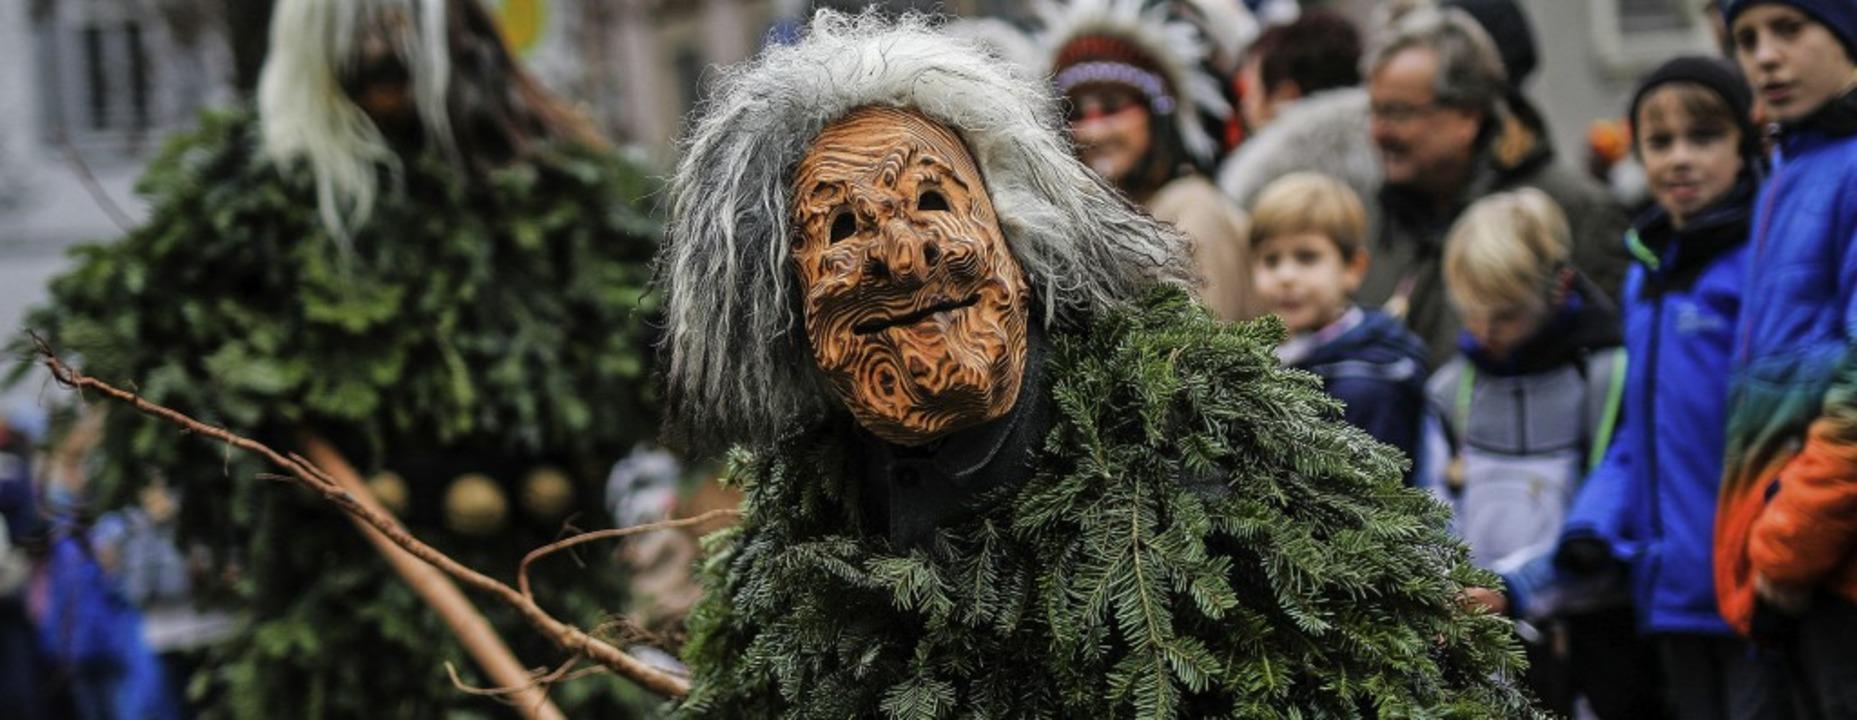 Masken- und Hästräger der schwäbisch-a...te feierten in Stuttgart ausgelassen.     Foto: Christoph Schmidt (dpa)